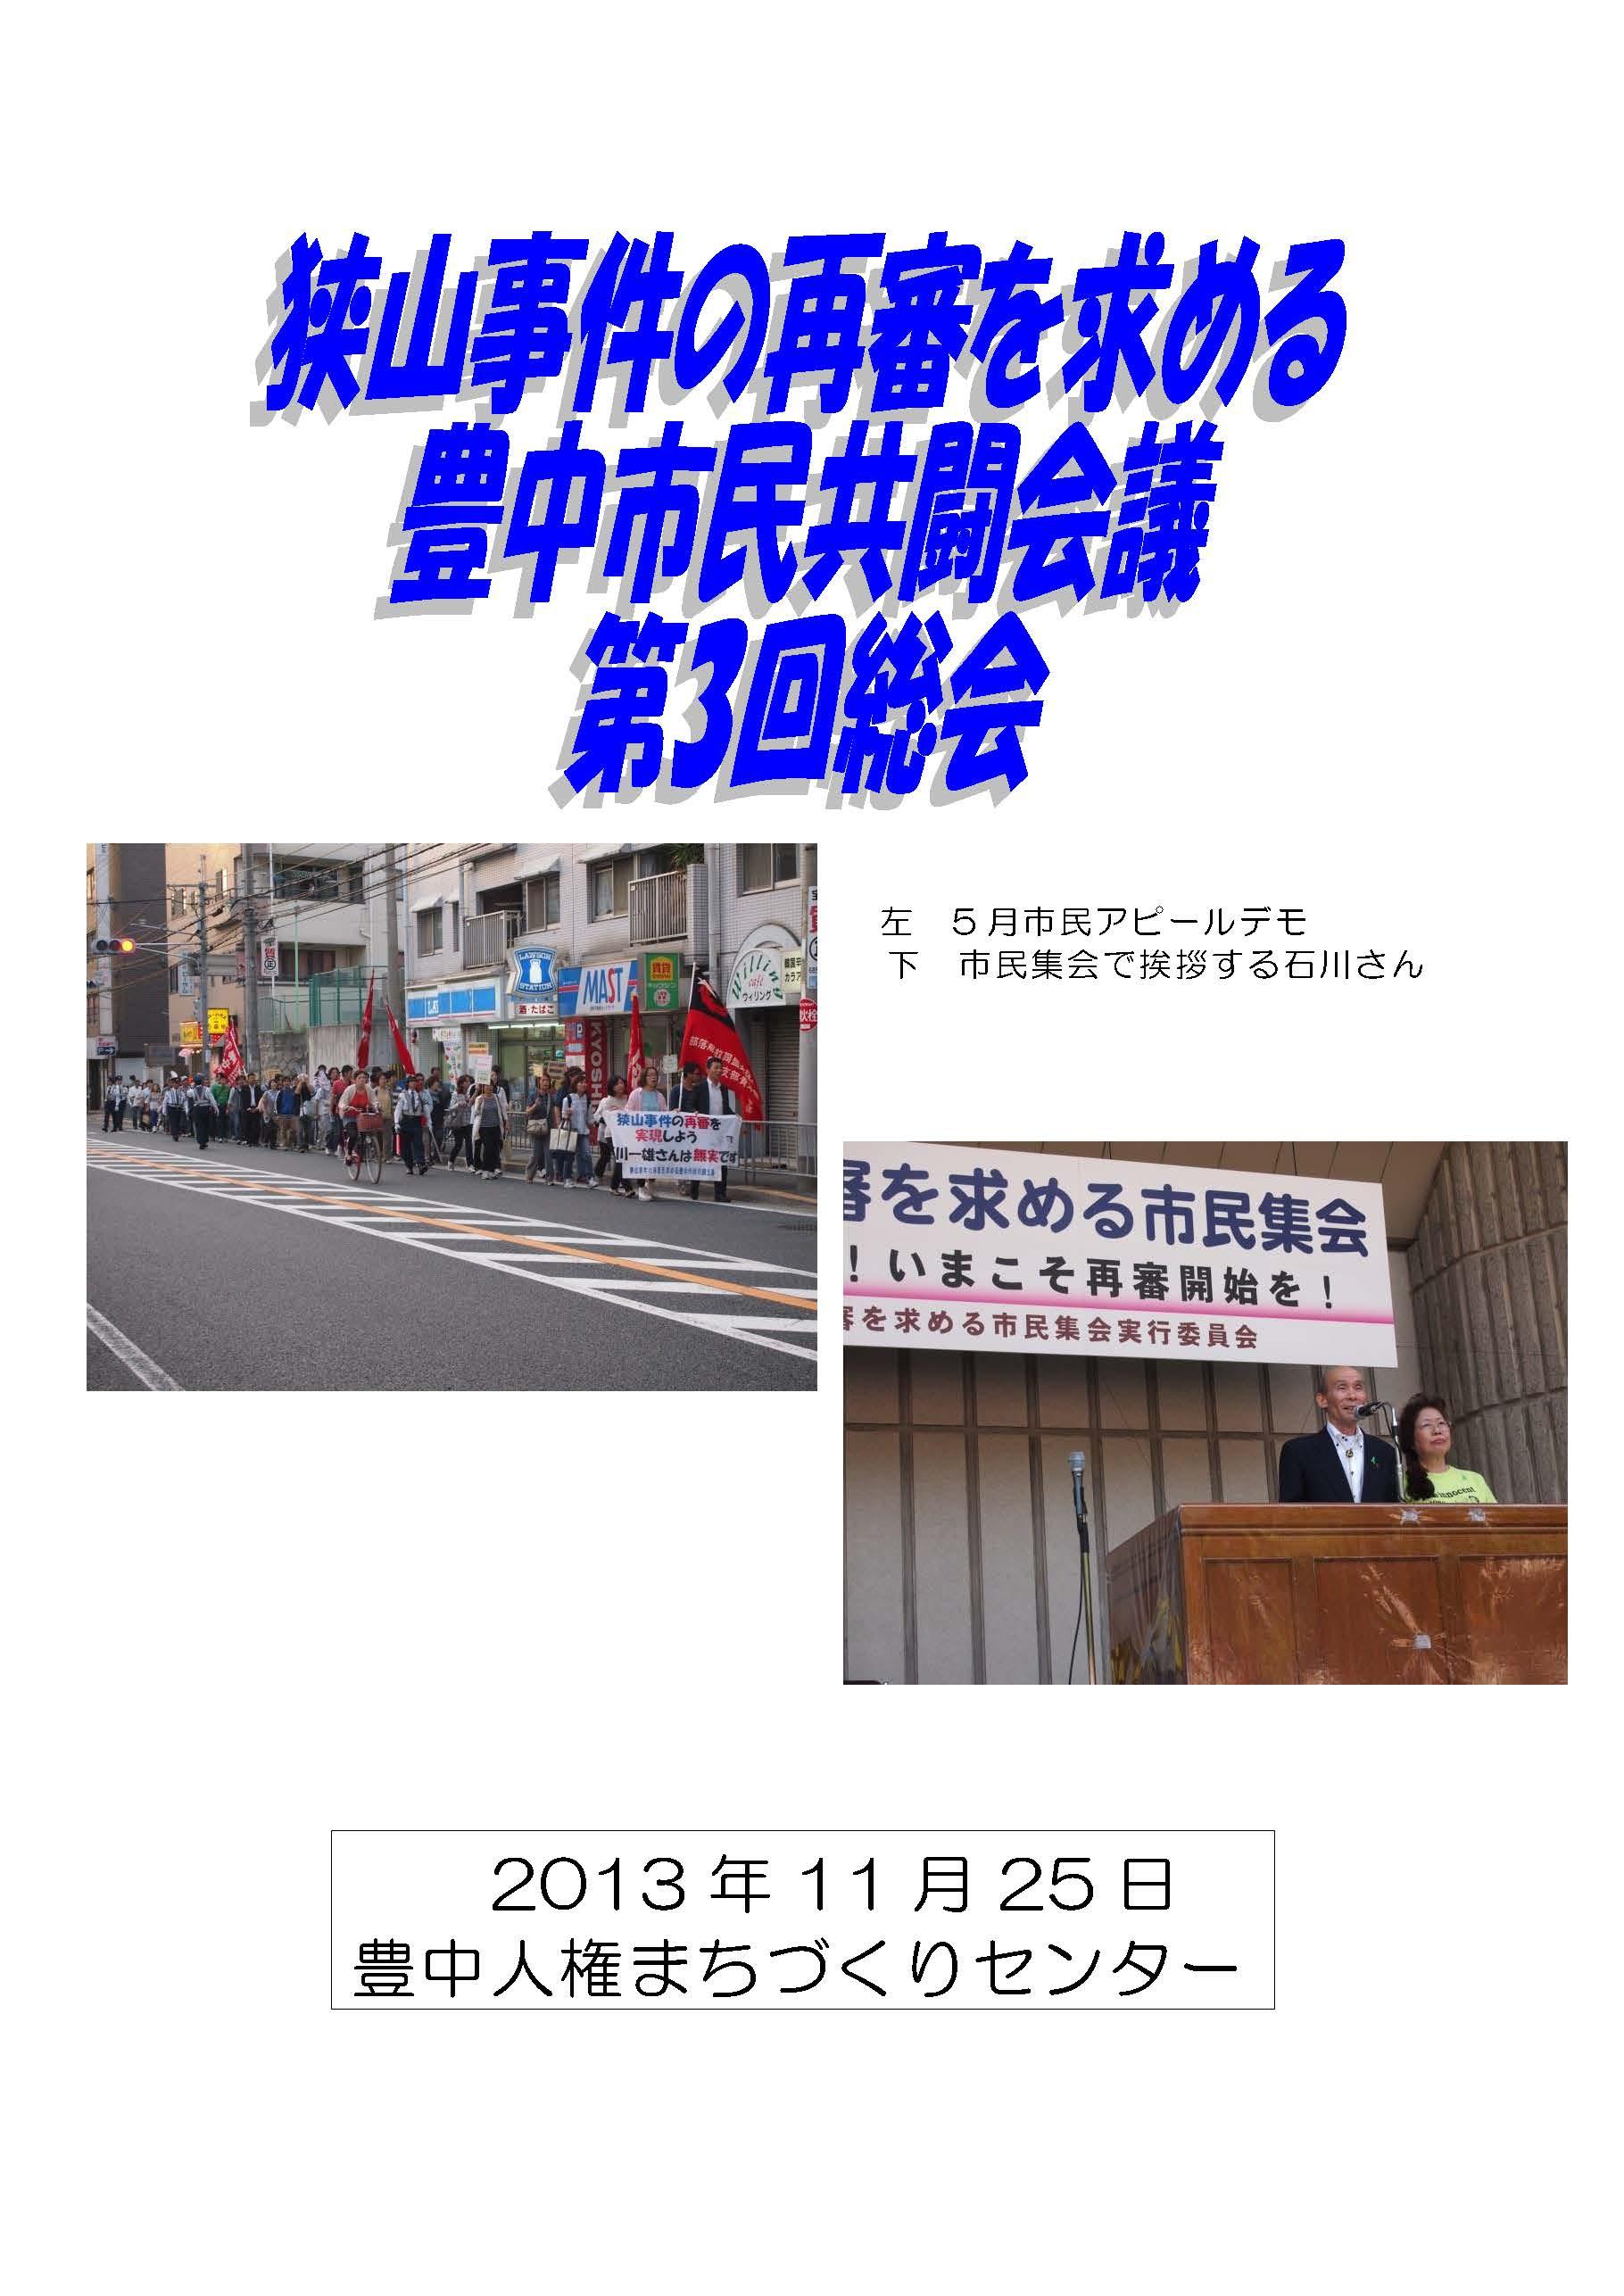 豊中狭山共闘第3回総会議案書より_d0024438_19294187.jpg